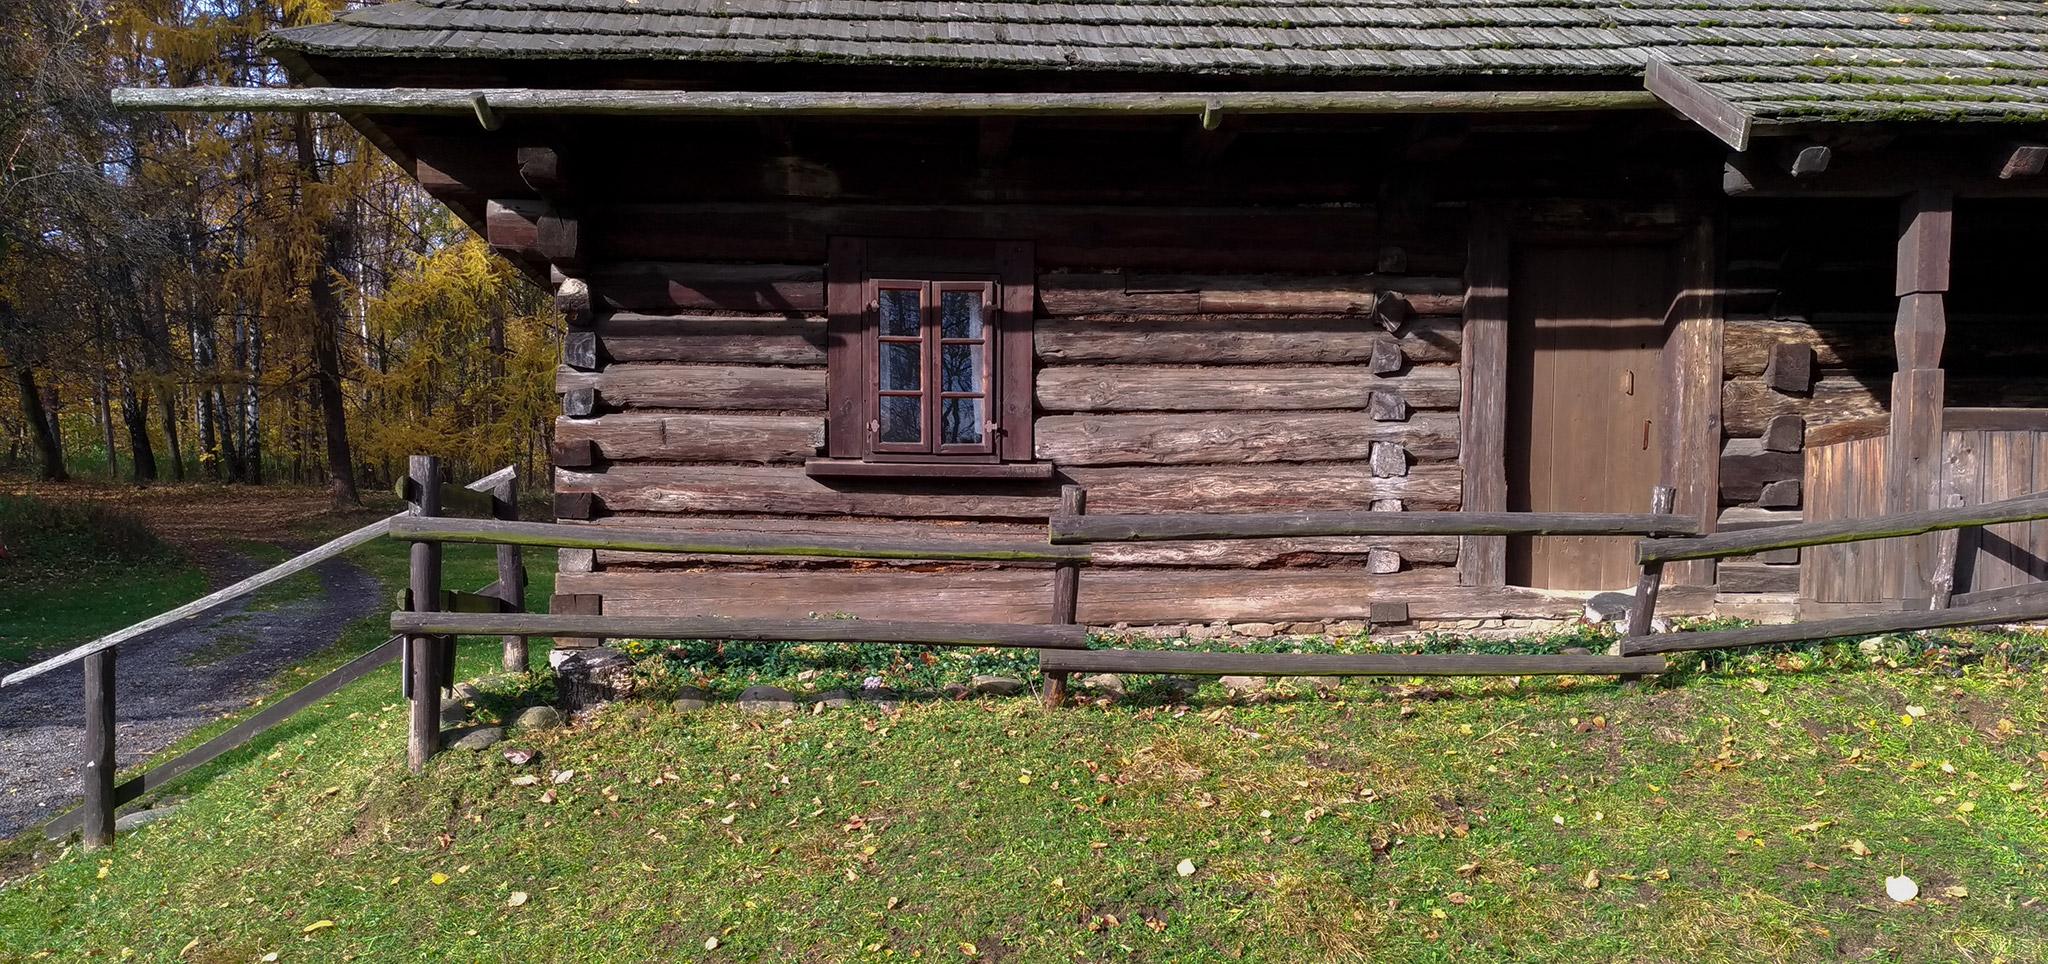 Skansen Chorzow - Chalupa z Bazanowic - Gornoslaskie Muzeum Etnograficzne